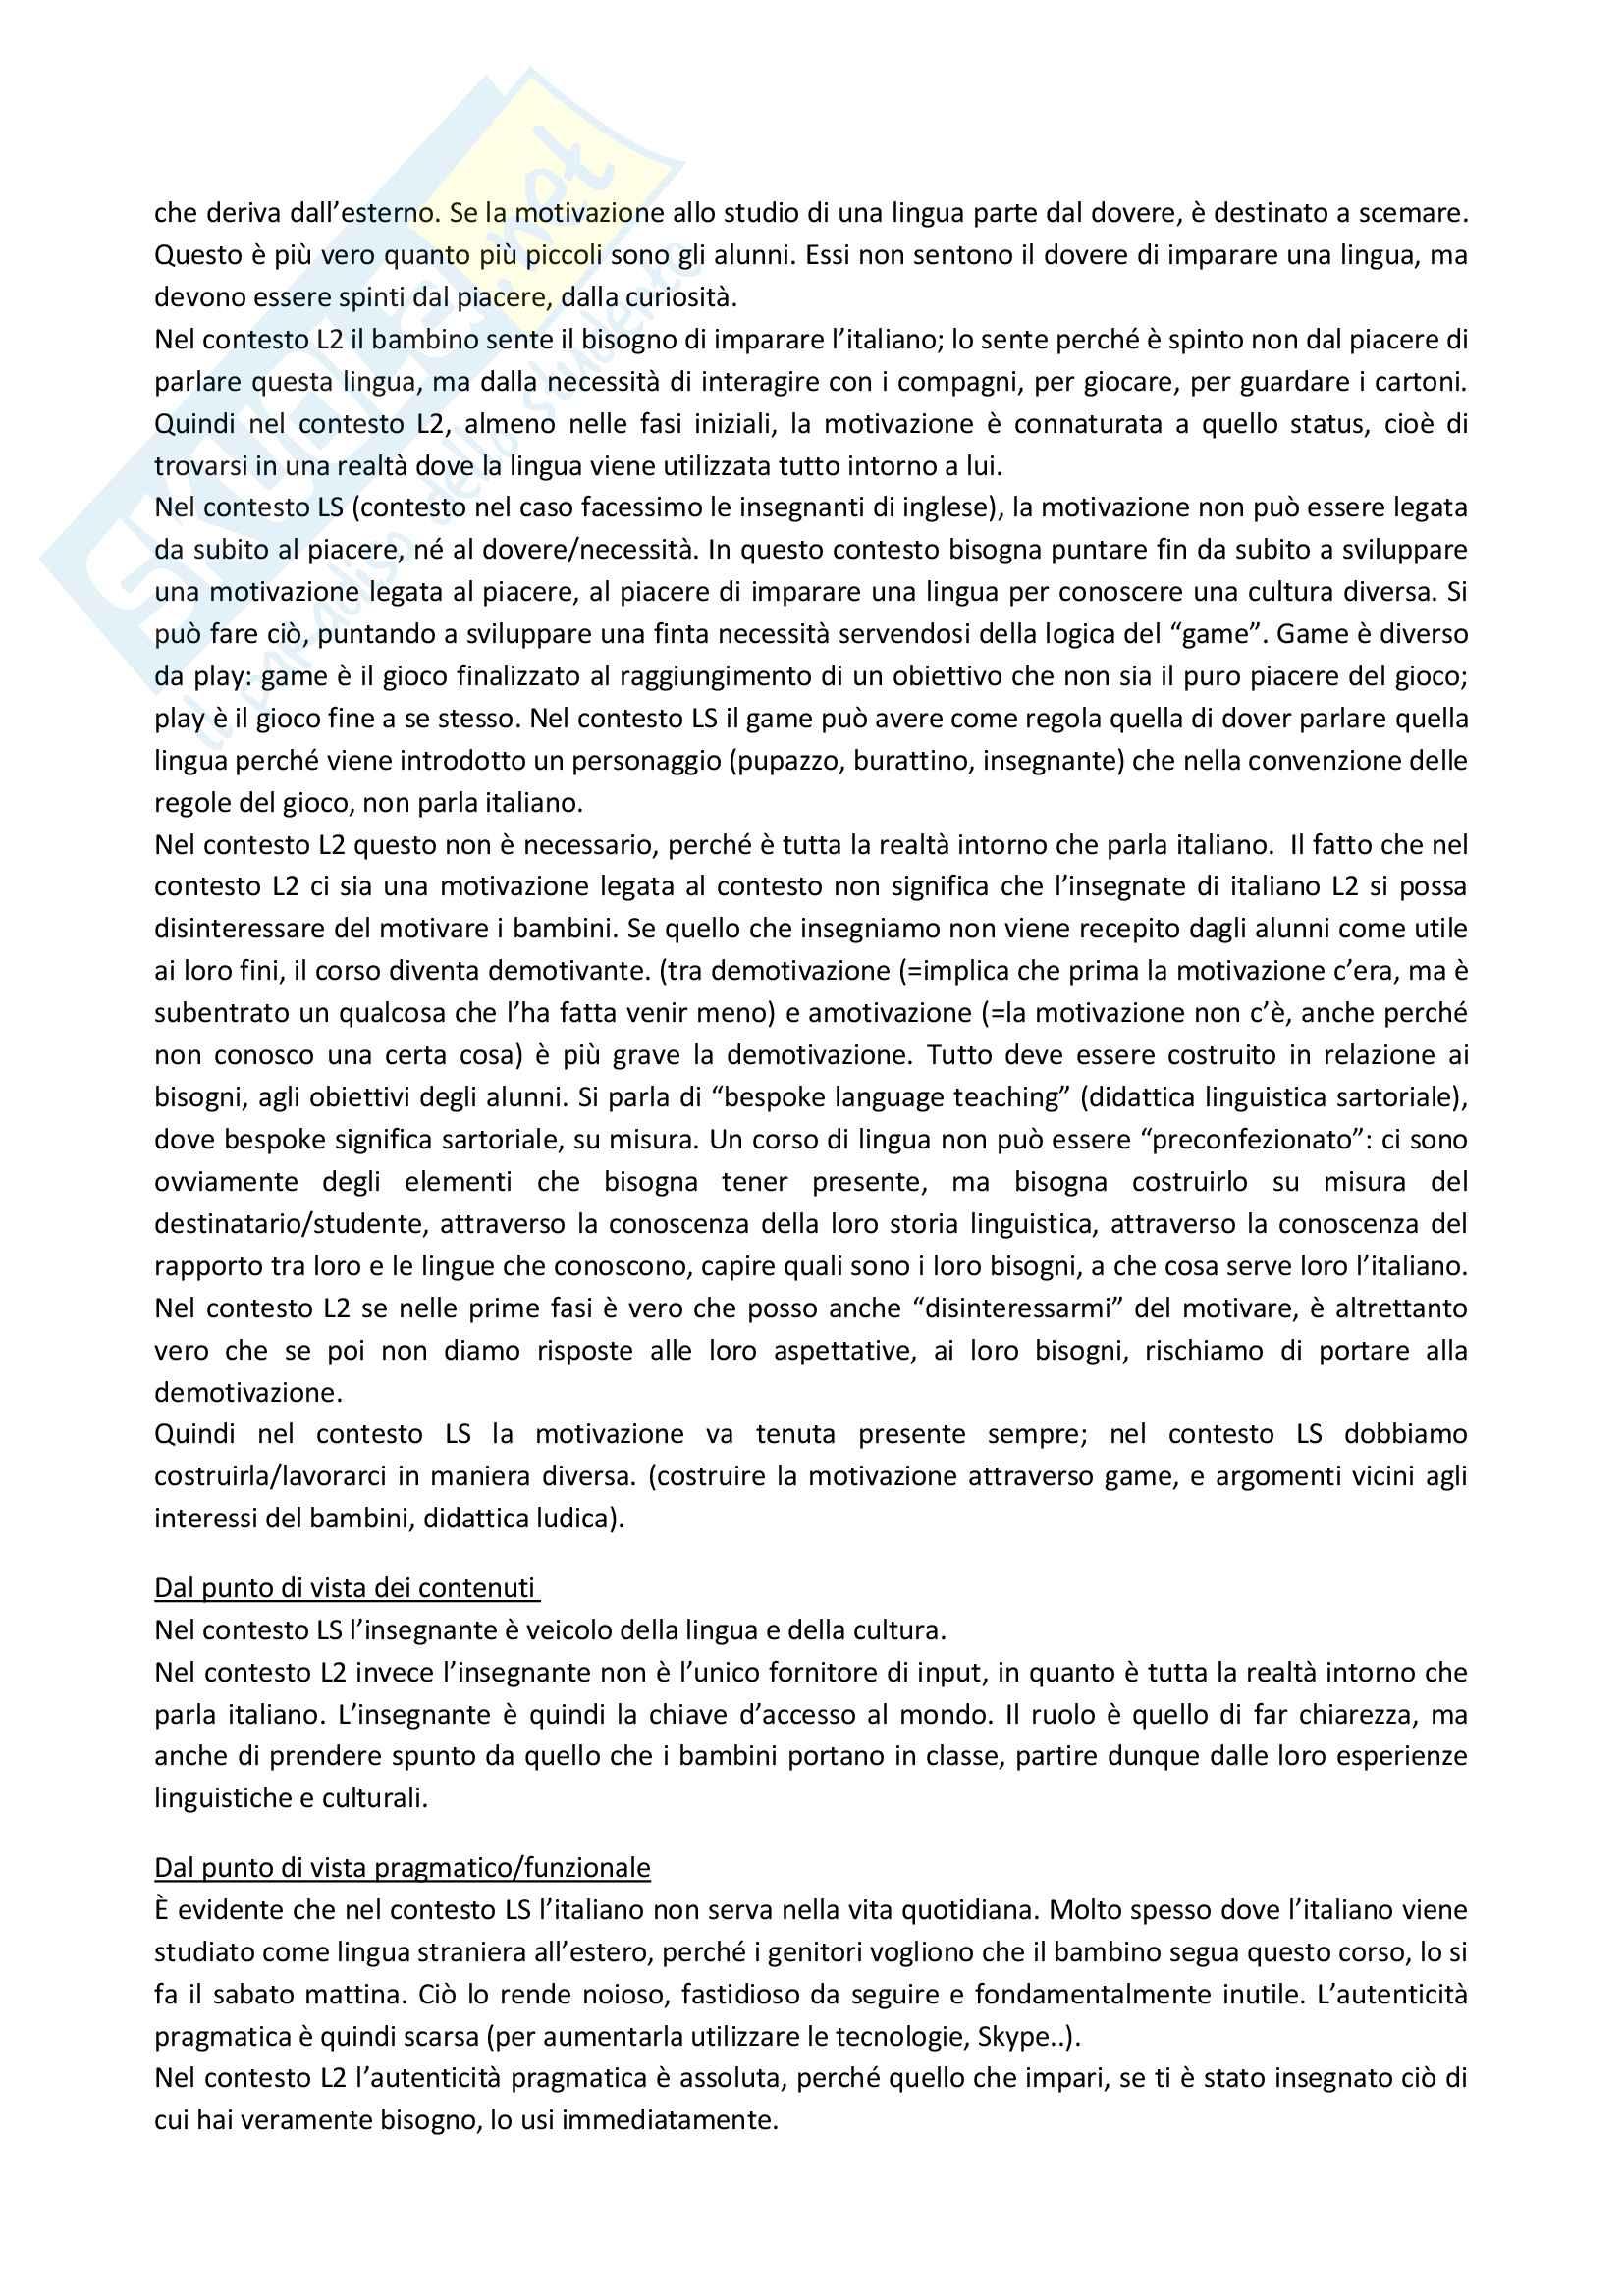 Appunti delle lezioni di Didattica dell'italiano L2 prof Santipolo Pag. 16